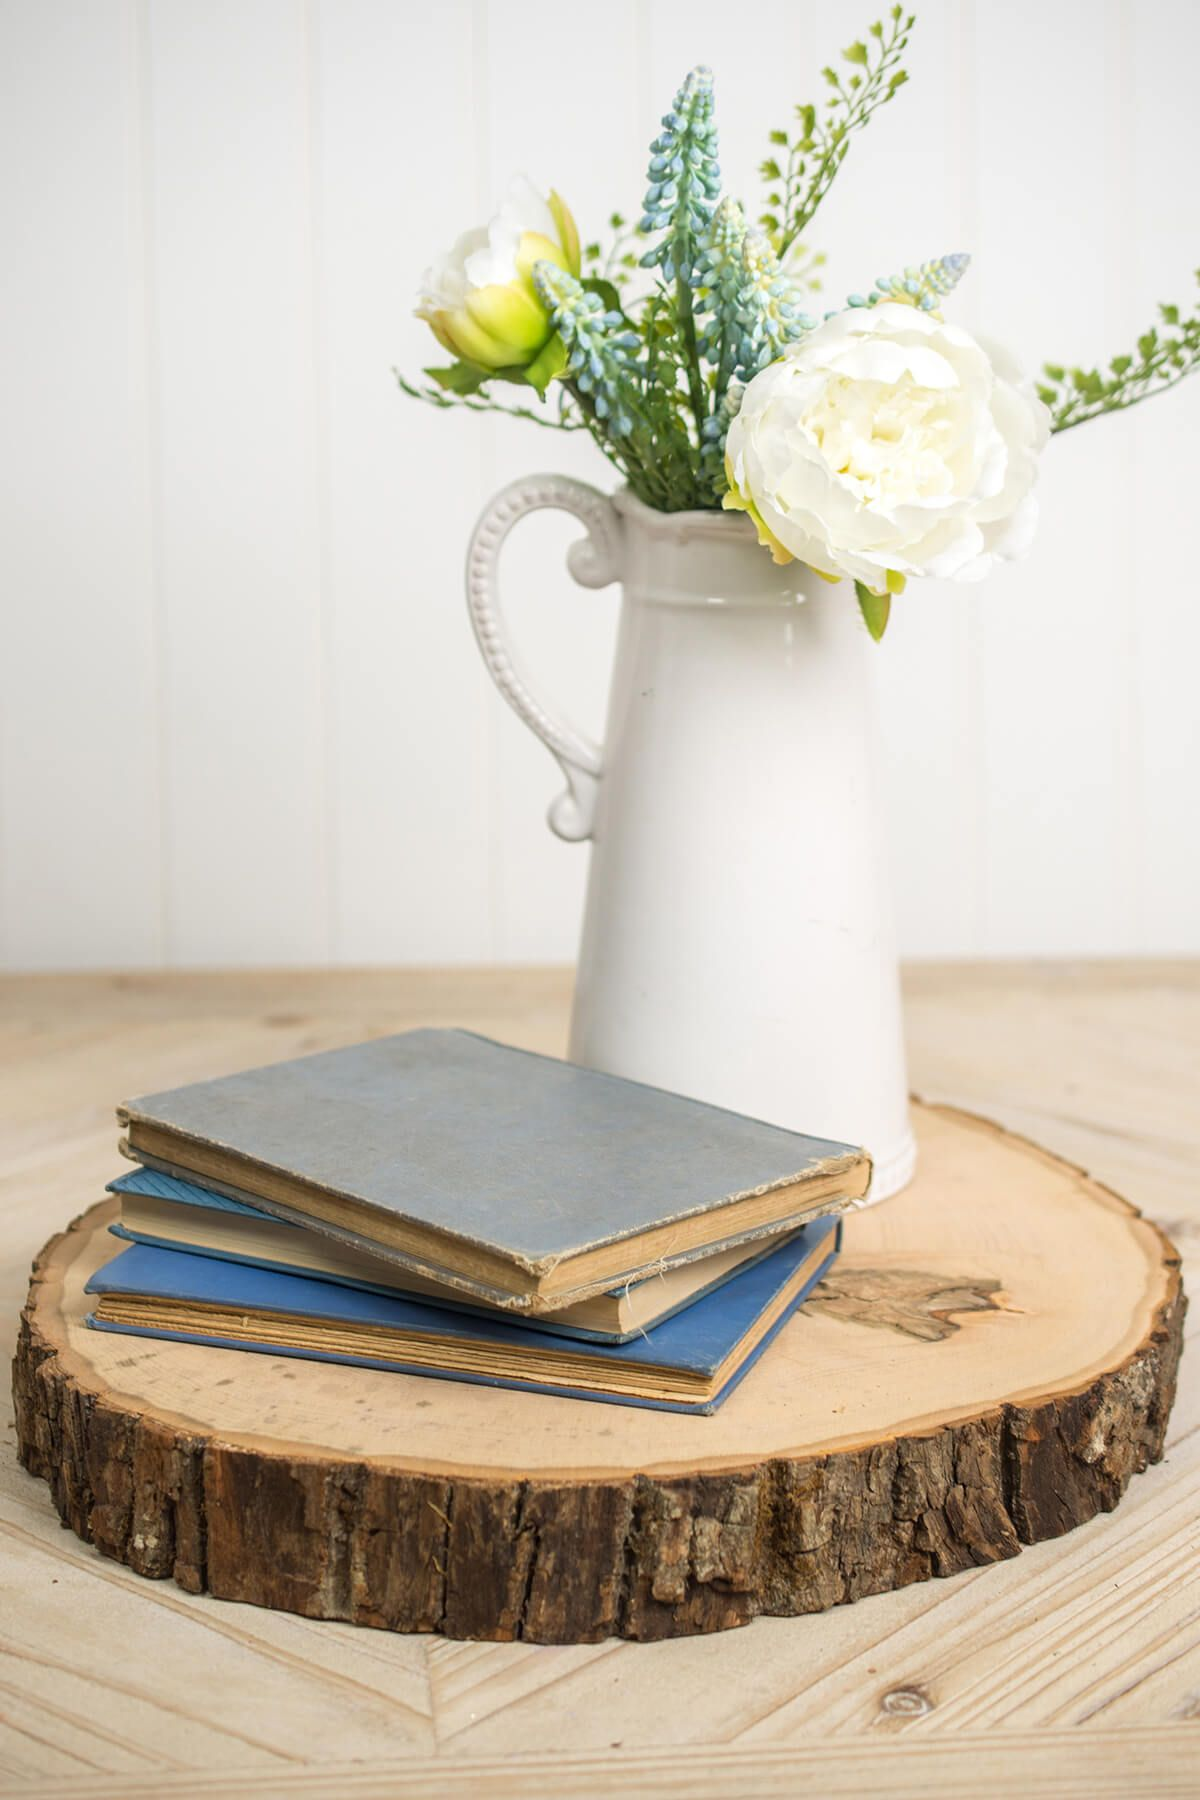 Website To Buy Wood Slices Wood Slab Centerpiece Wood Slice Centerpiece Tree Slices